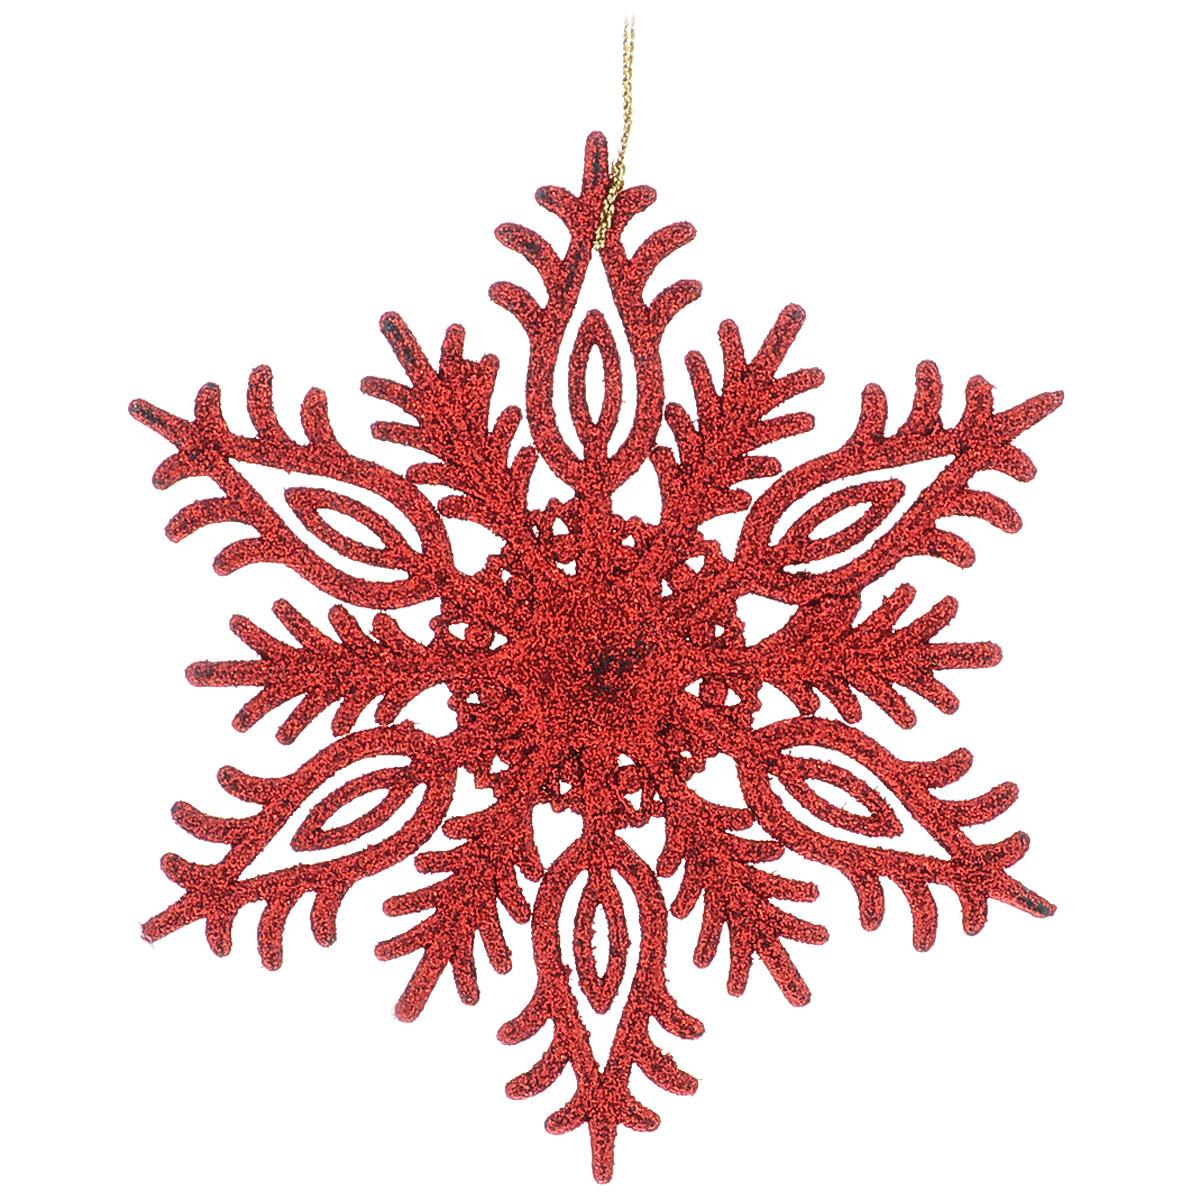 Новогоднее подвесное украшение Снежинка, цвет: красный, 14,5 х 14,5 см34993Оригинальное новогоднее украшение из пластика прекрасно подойдет для праздничного декора дома и новогодней ели. Изделие крепится на елку с помощью металлического зажима.